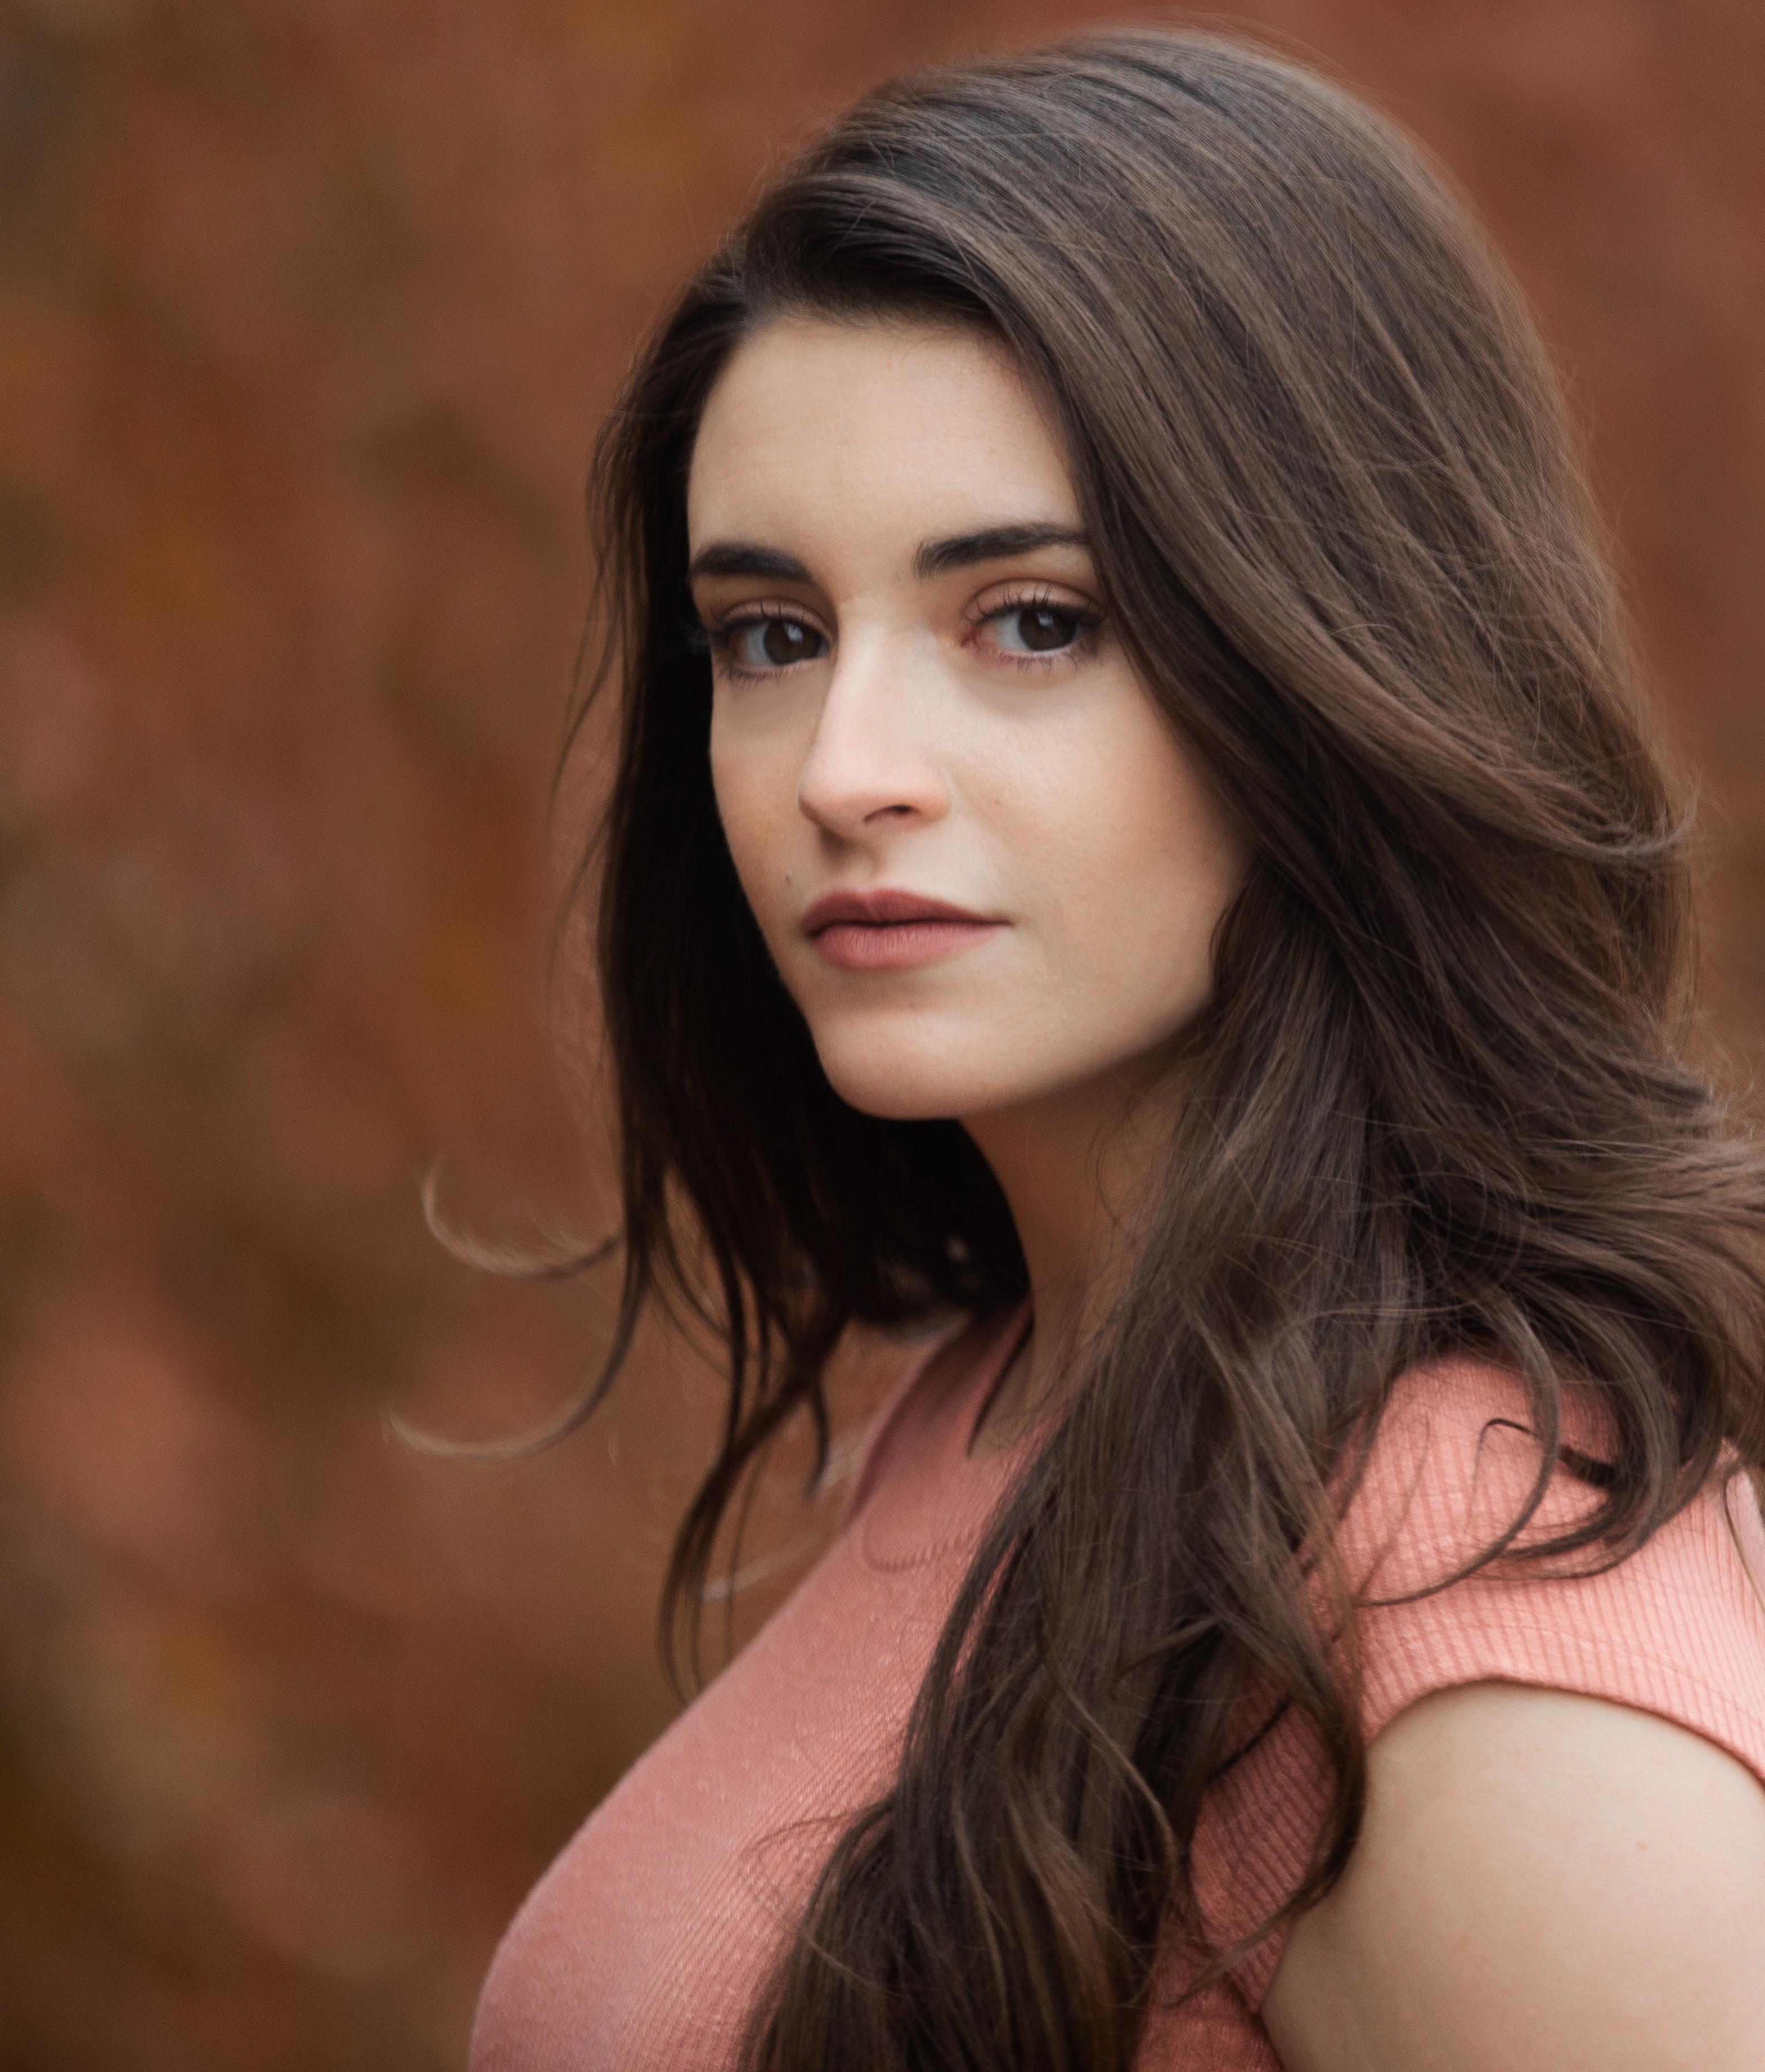 Daniela Bobadilla Imdb Daniela bobadilla (born april 4, 1993) is a canadian actress. daniela bobadilla imdb